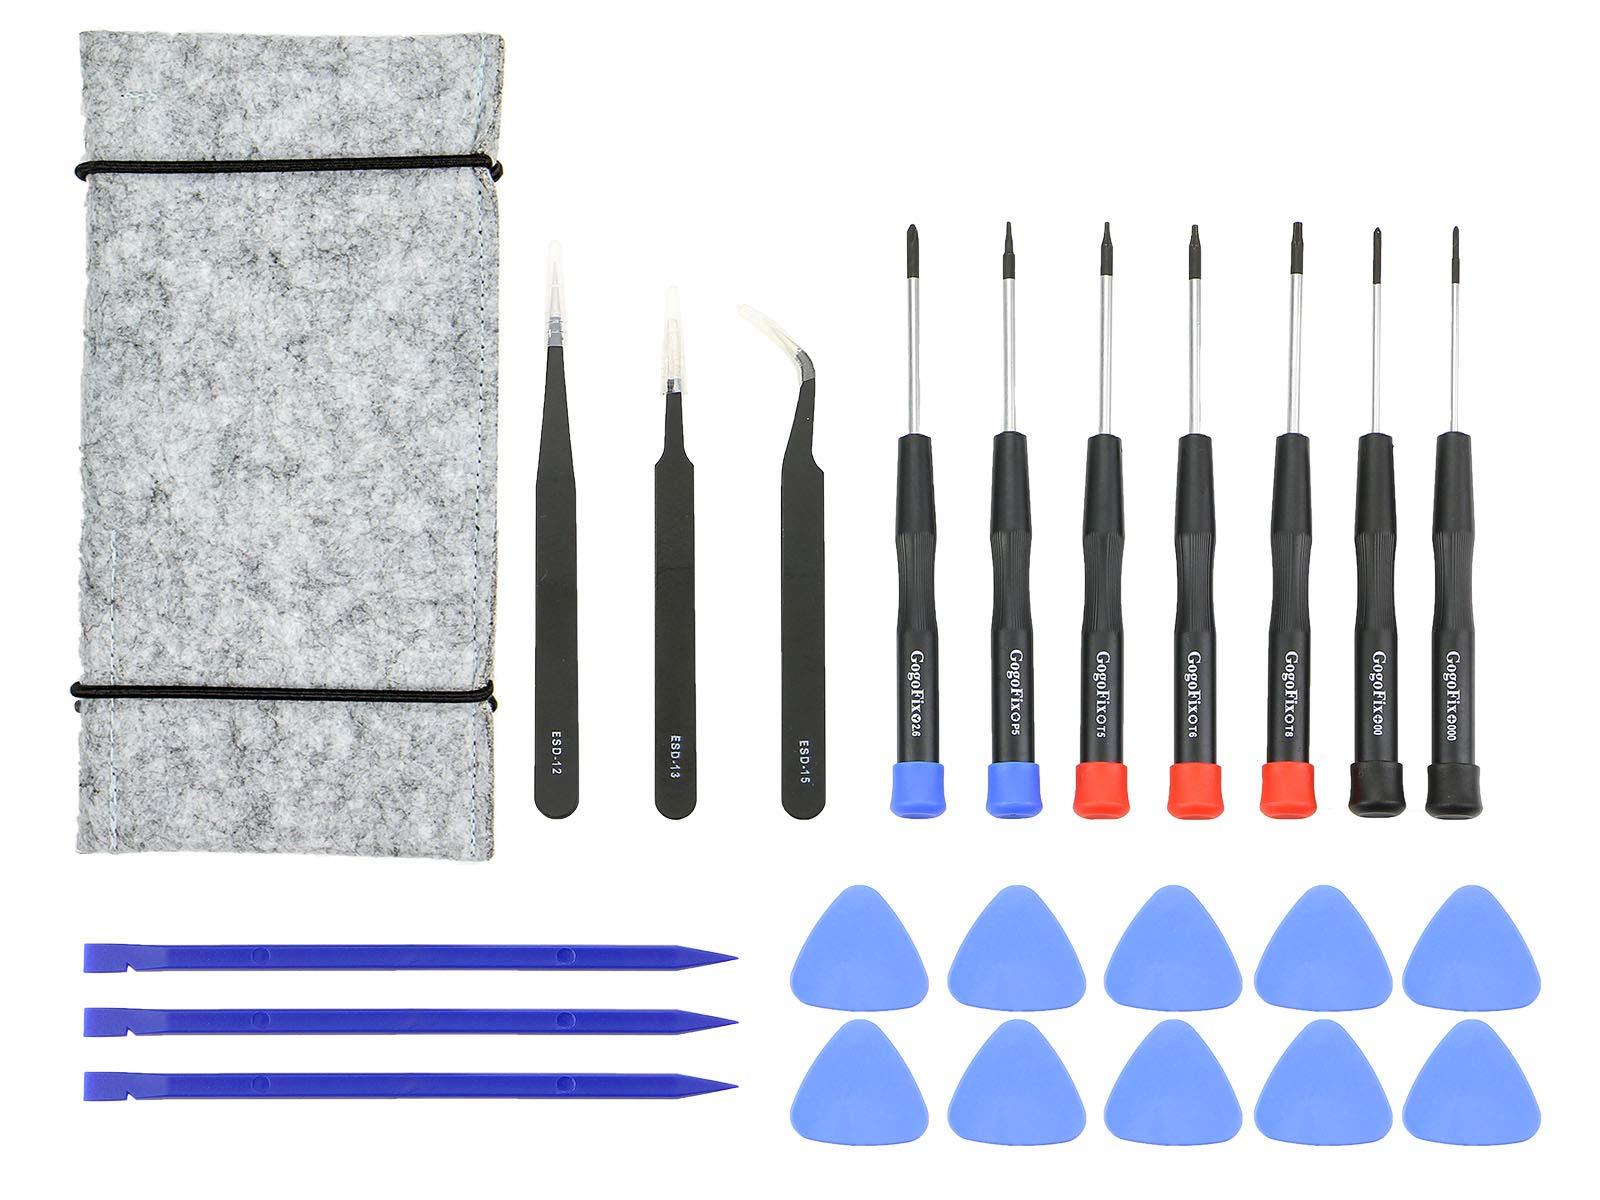 23 Pcs MacBook Repair Tool Kit, Precision Screwdrivers, Tweezer, Opening Pick, Spudger and Tool Bag for MacBook Air, Retina, Pro